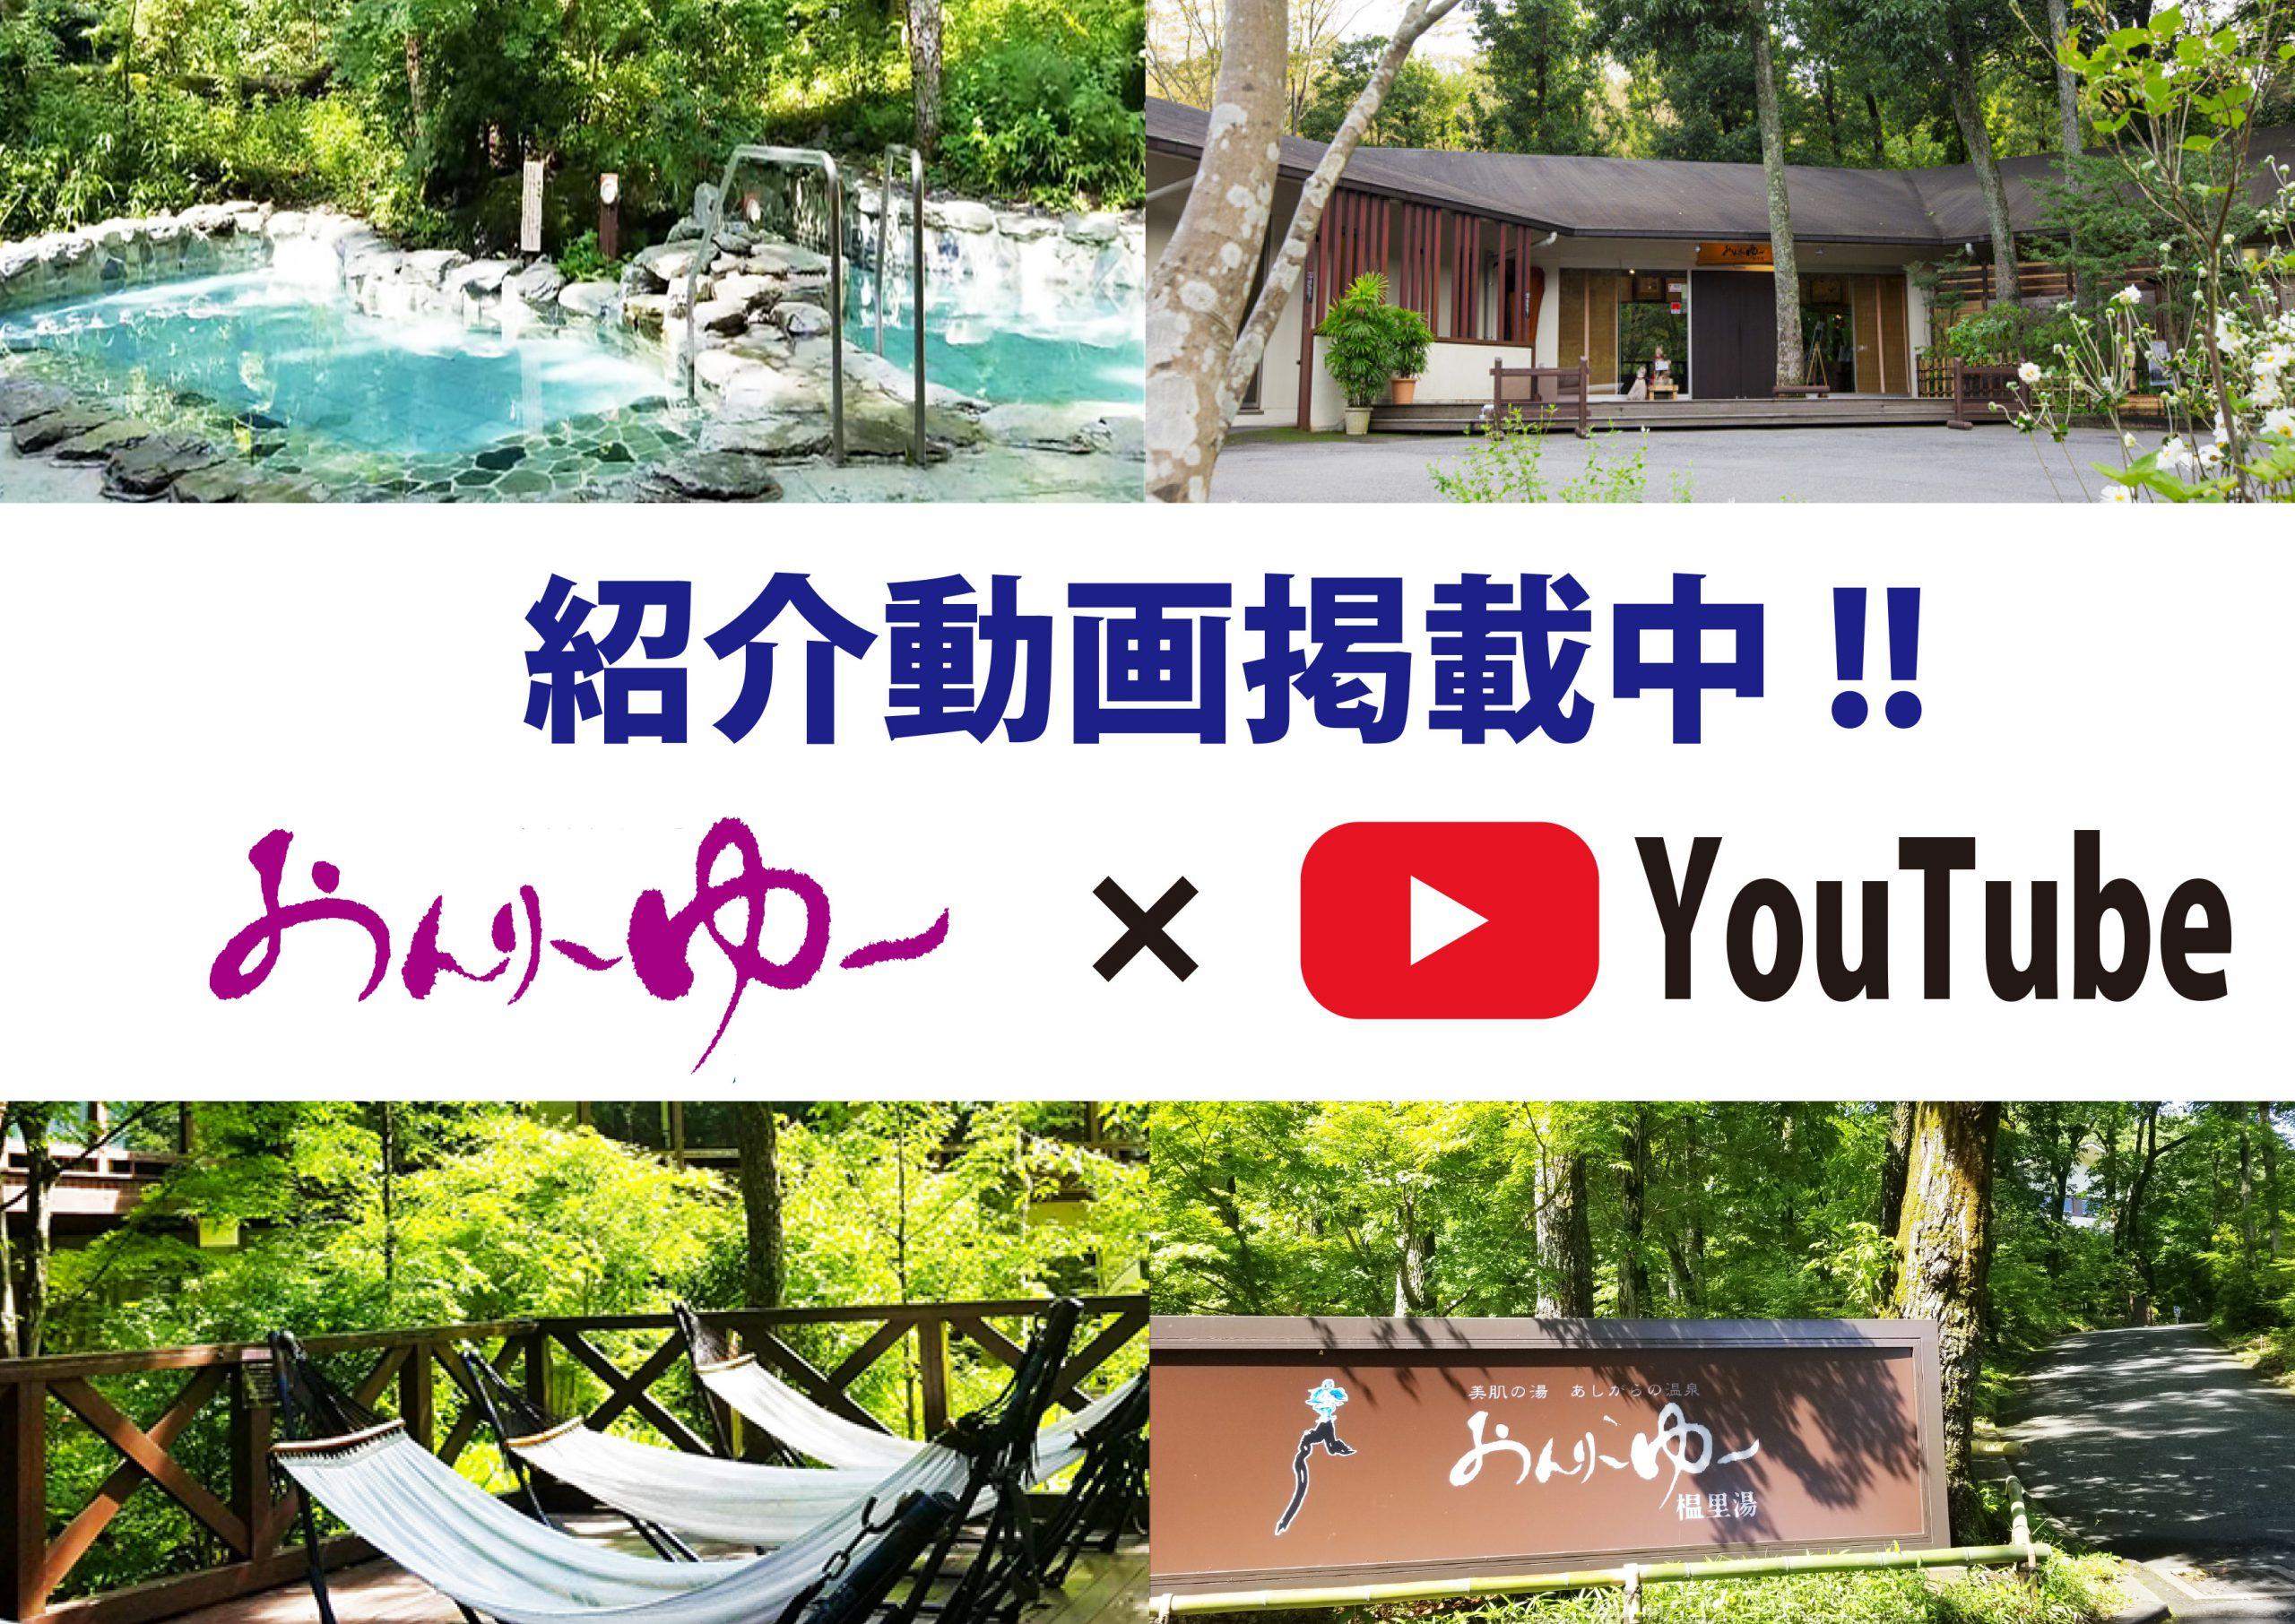 YouTubeチャンネルにモダン湯治おんりーゆーの紹介動画が掲載されました